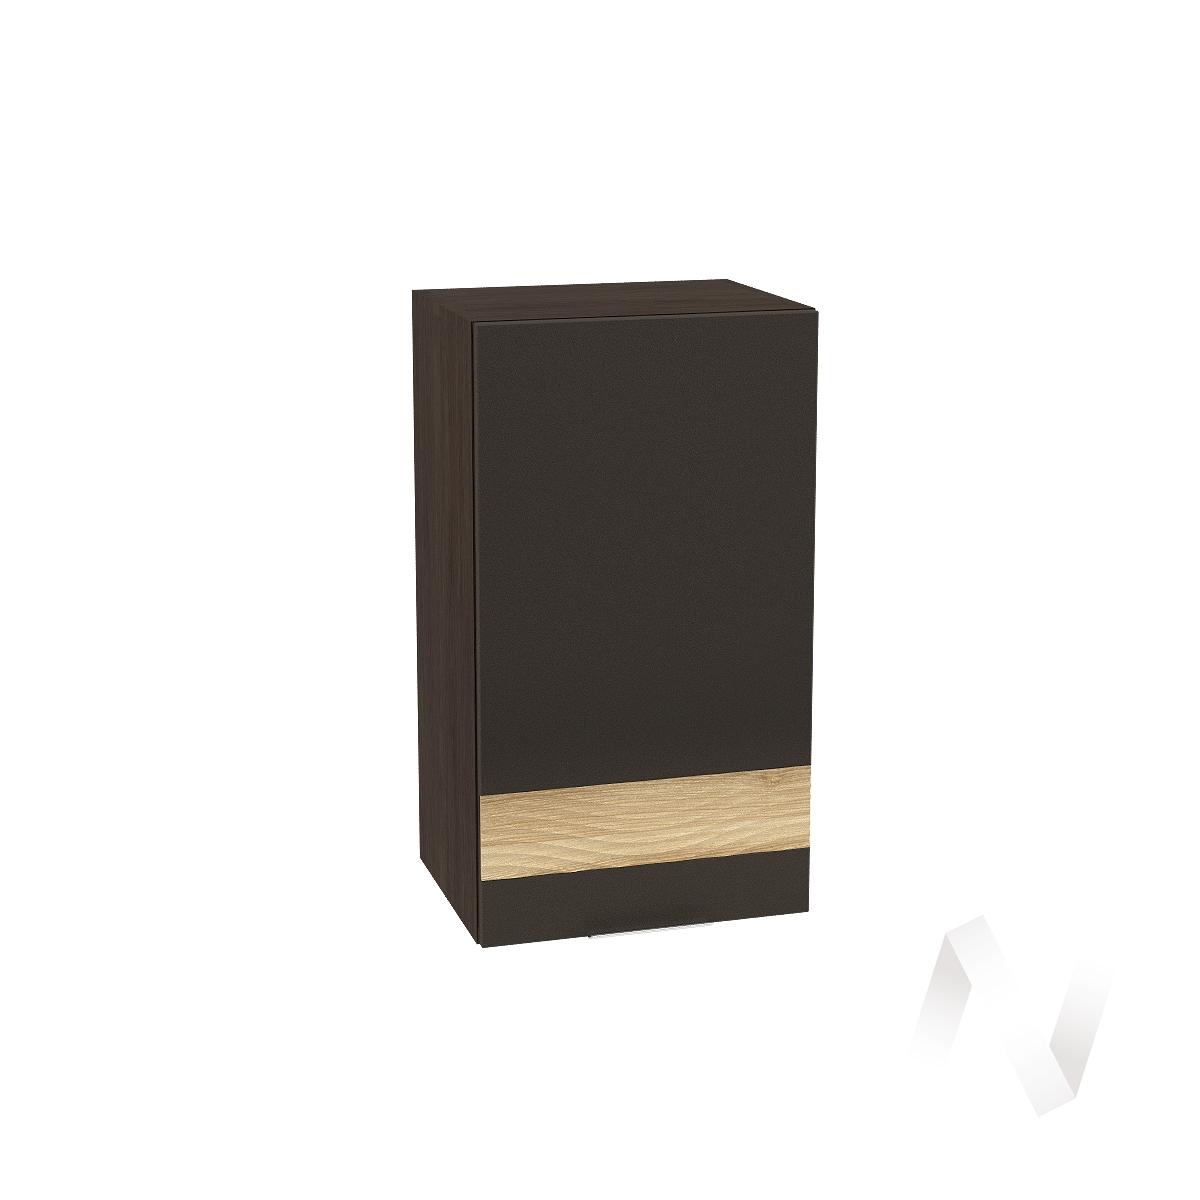 """Кухня """"Терра"""": Шкаф верхний левый 400, ШВ 400 (смоки софт/ель карпатская/корпус венге)"""